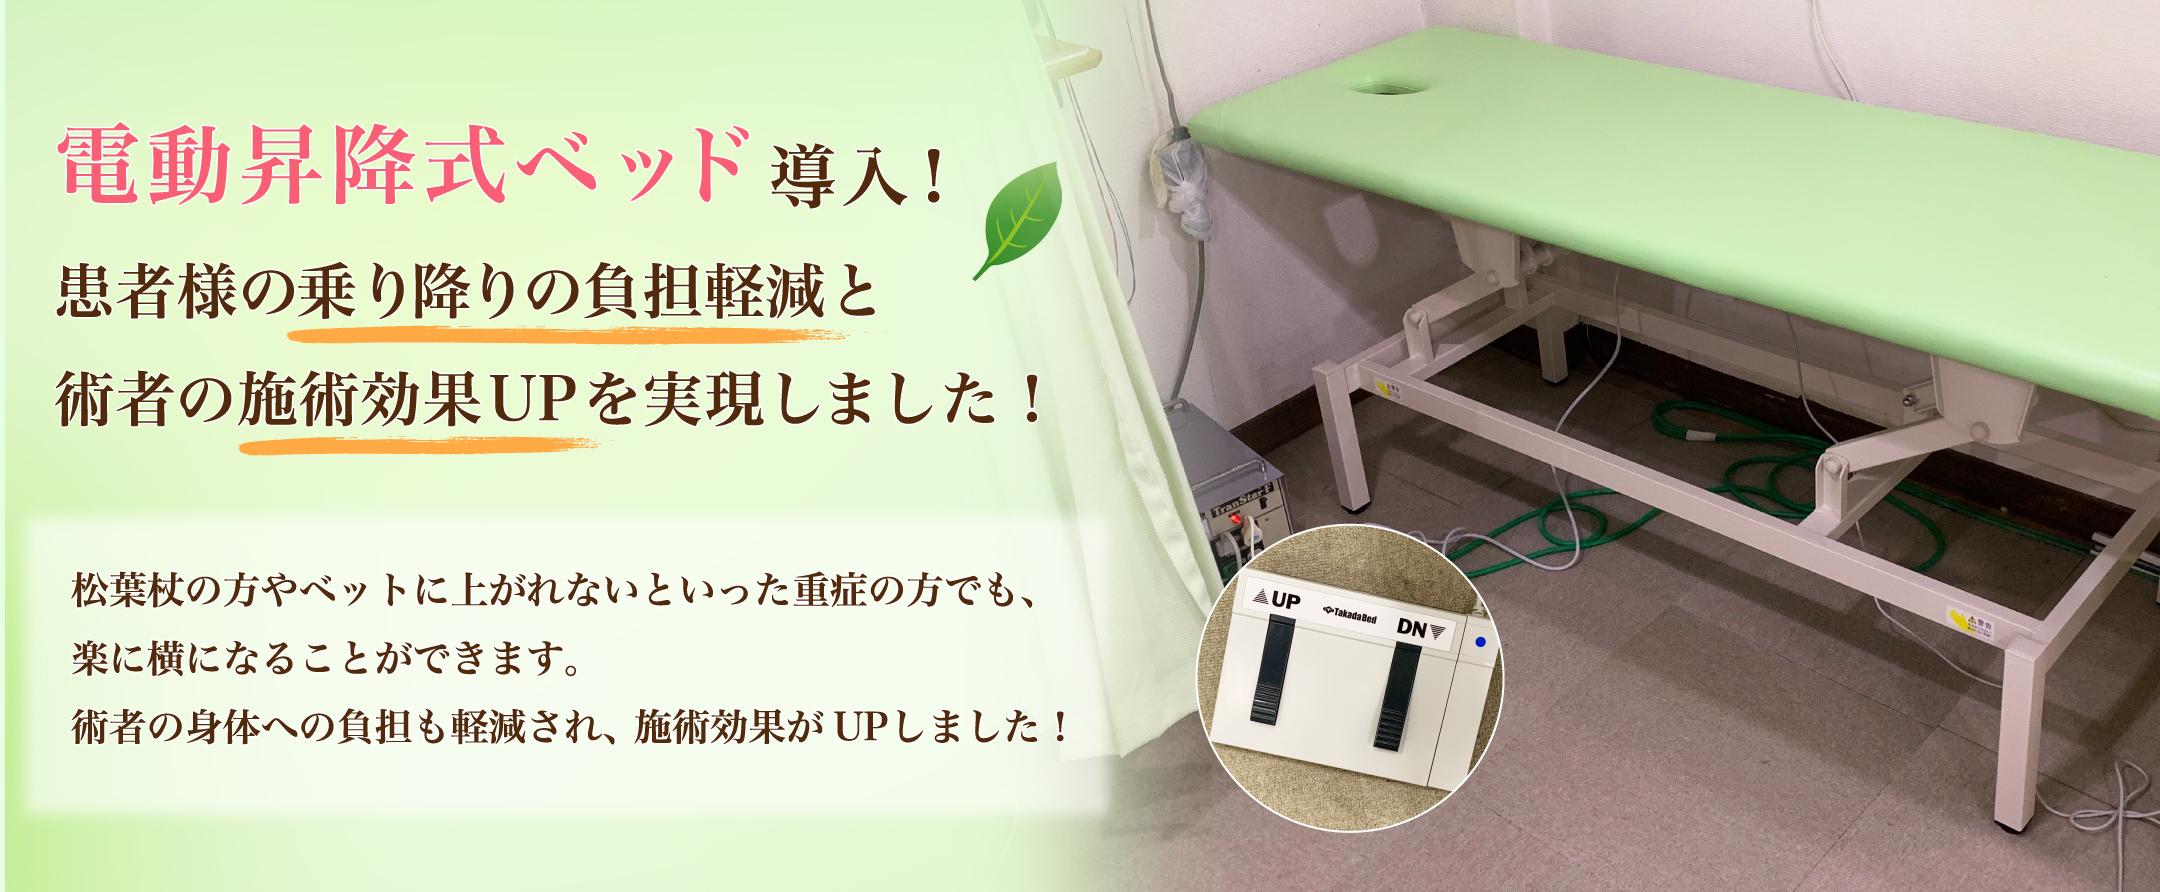 電動昇降式ベッド導入!患者様の乗り降りの負担軽減と術者の施術効果UPを実現しました!